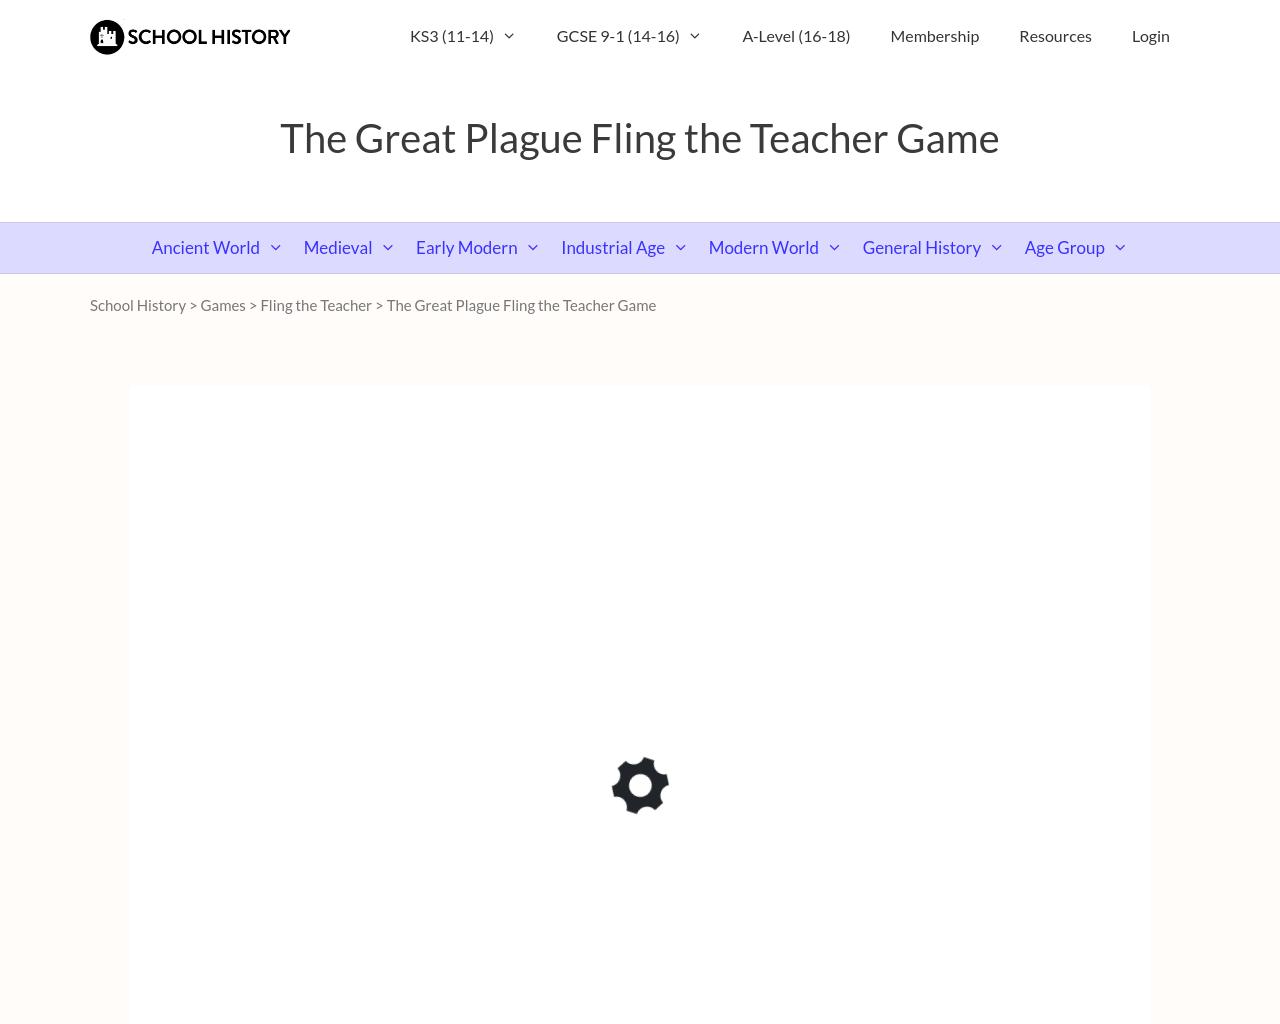 Fling the Teacher